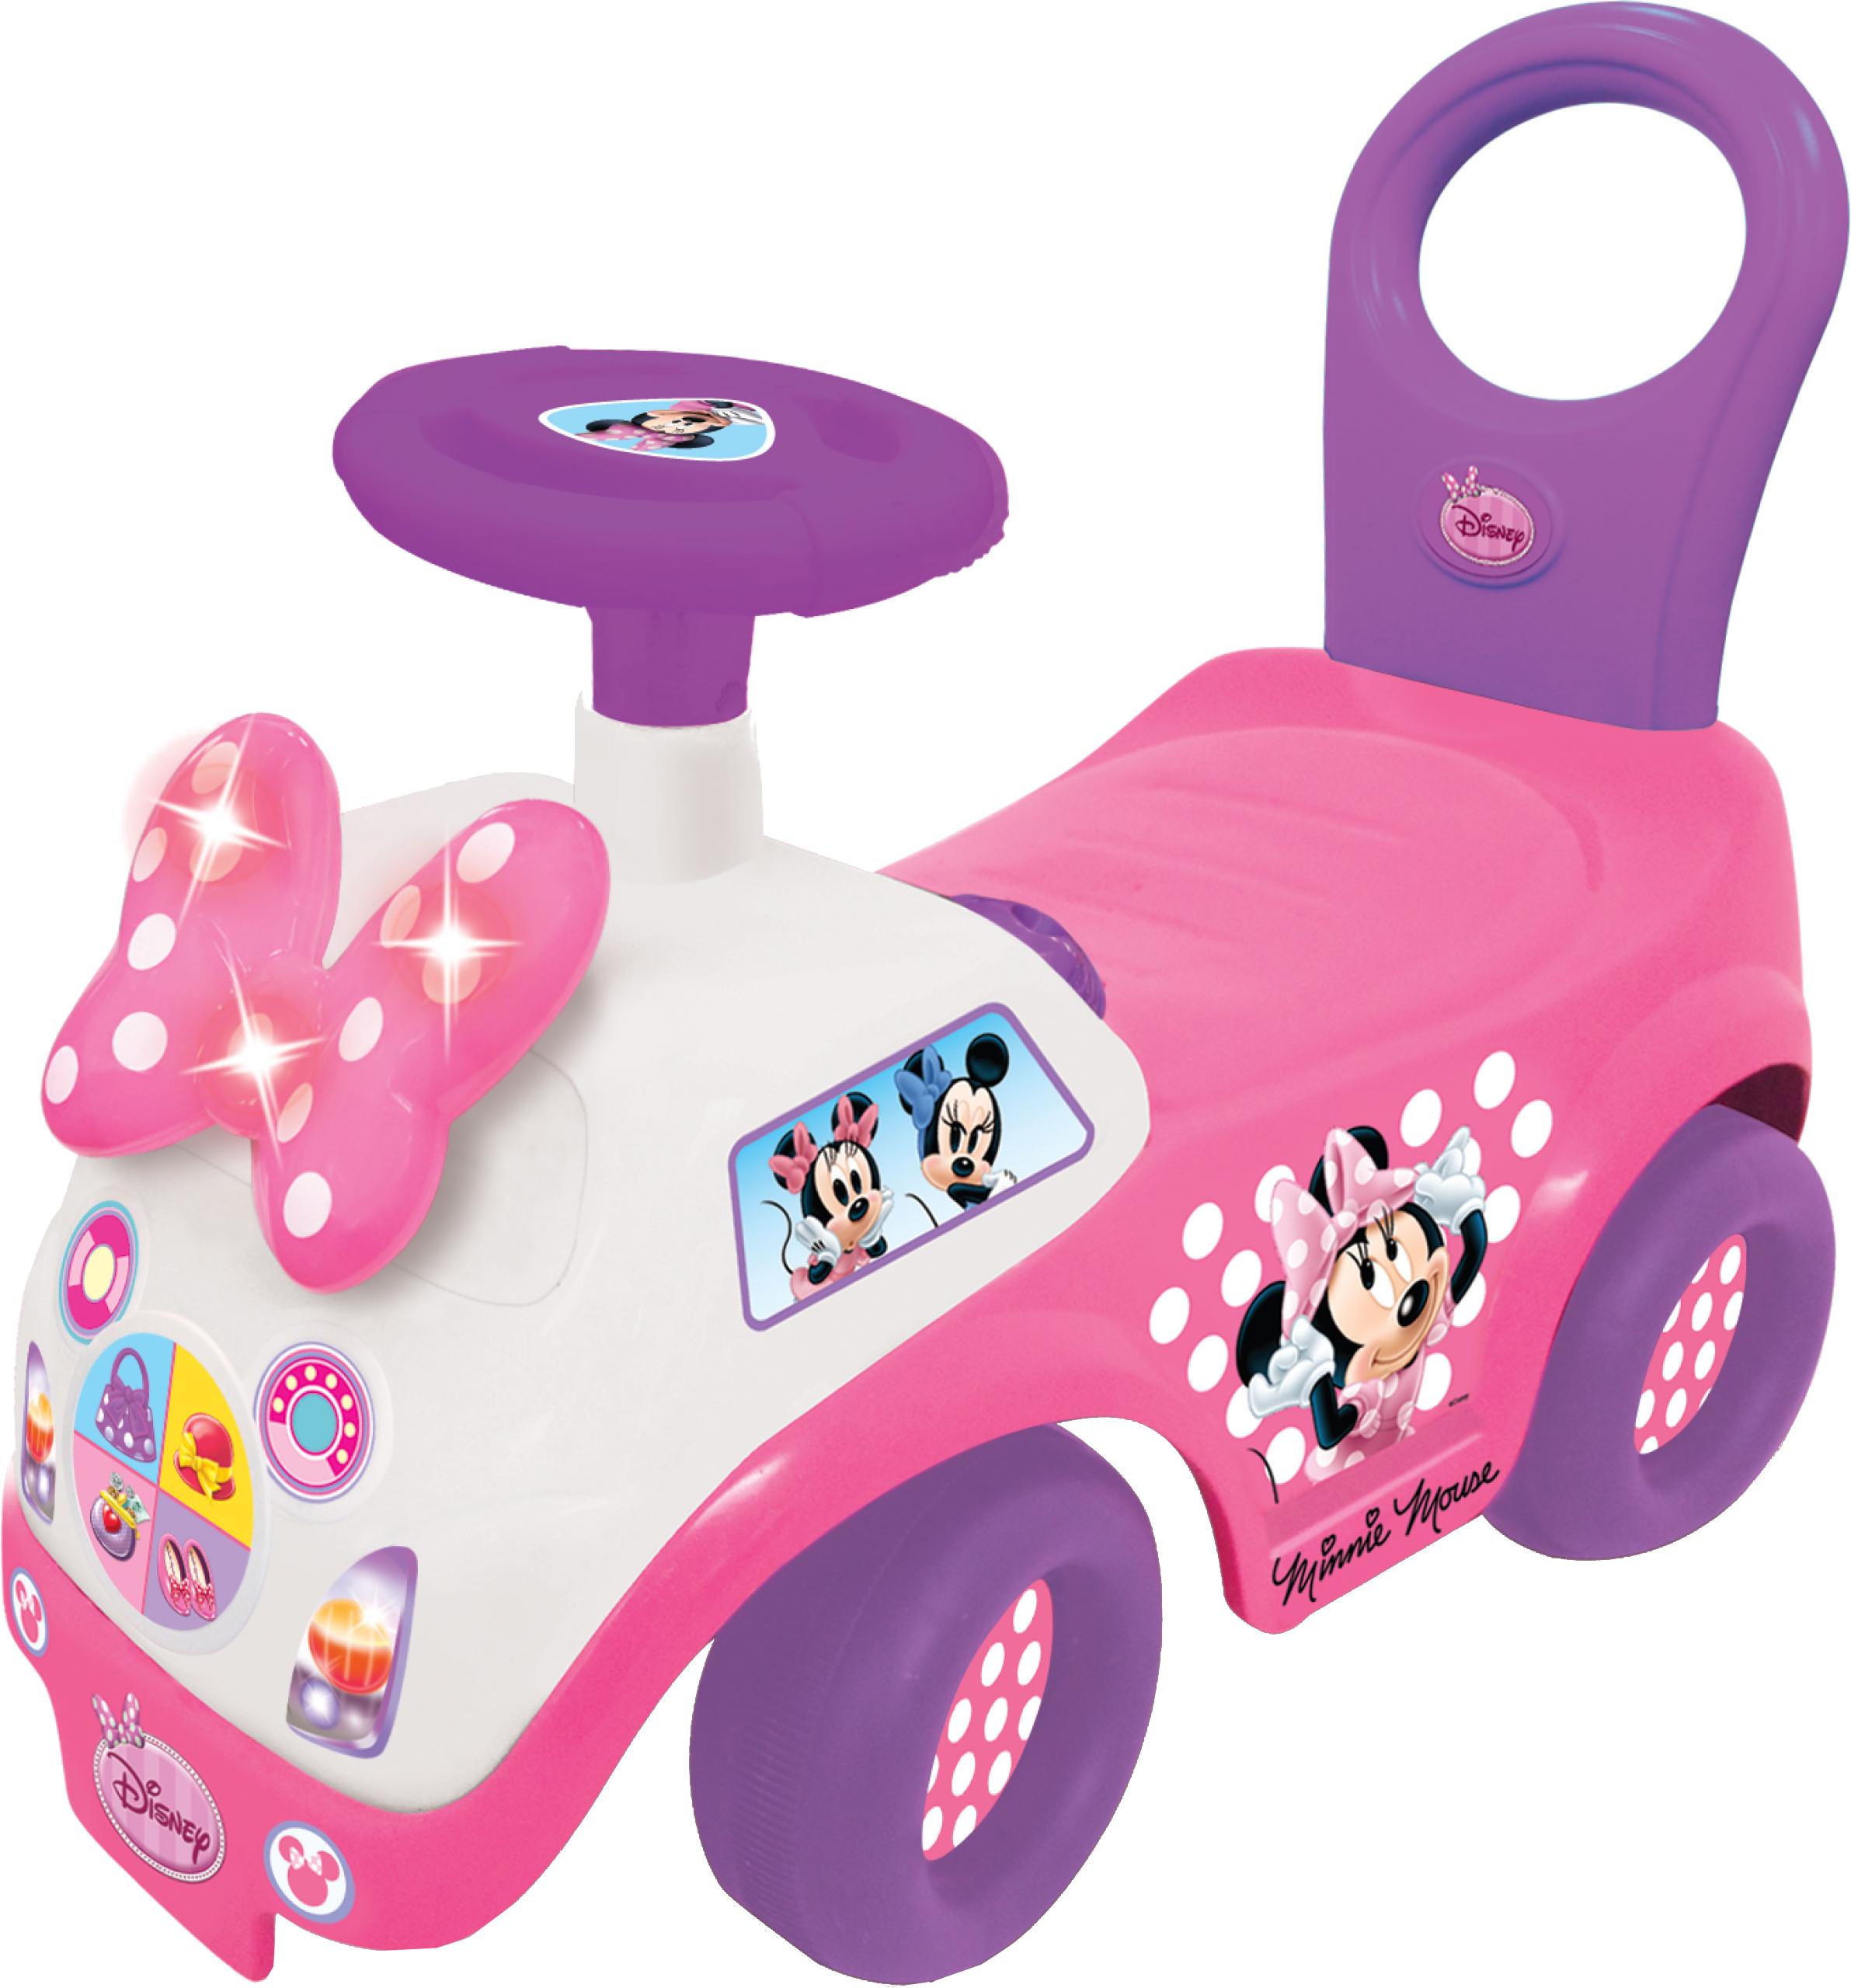 Каталка-пушкар KIDDIELAND Минни Mayc kiddieland развивающая игрушка пианино с животными минни маус и друзья kiddieland